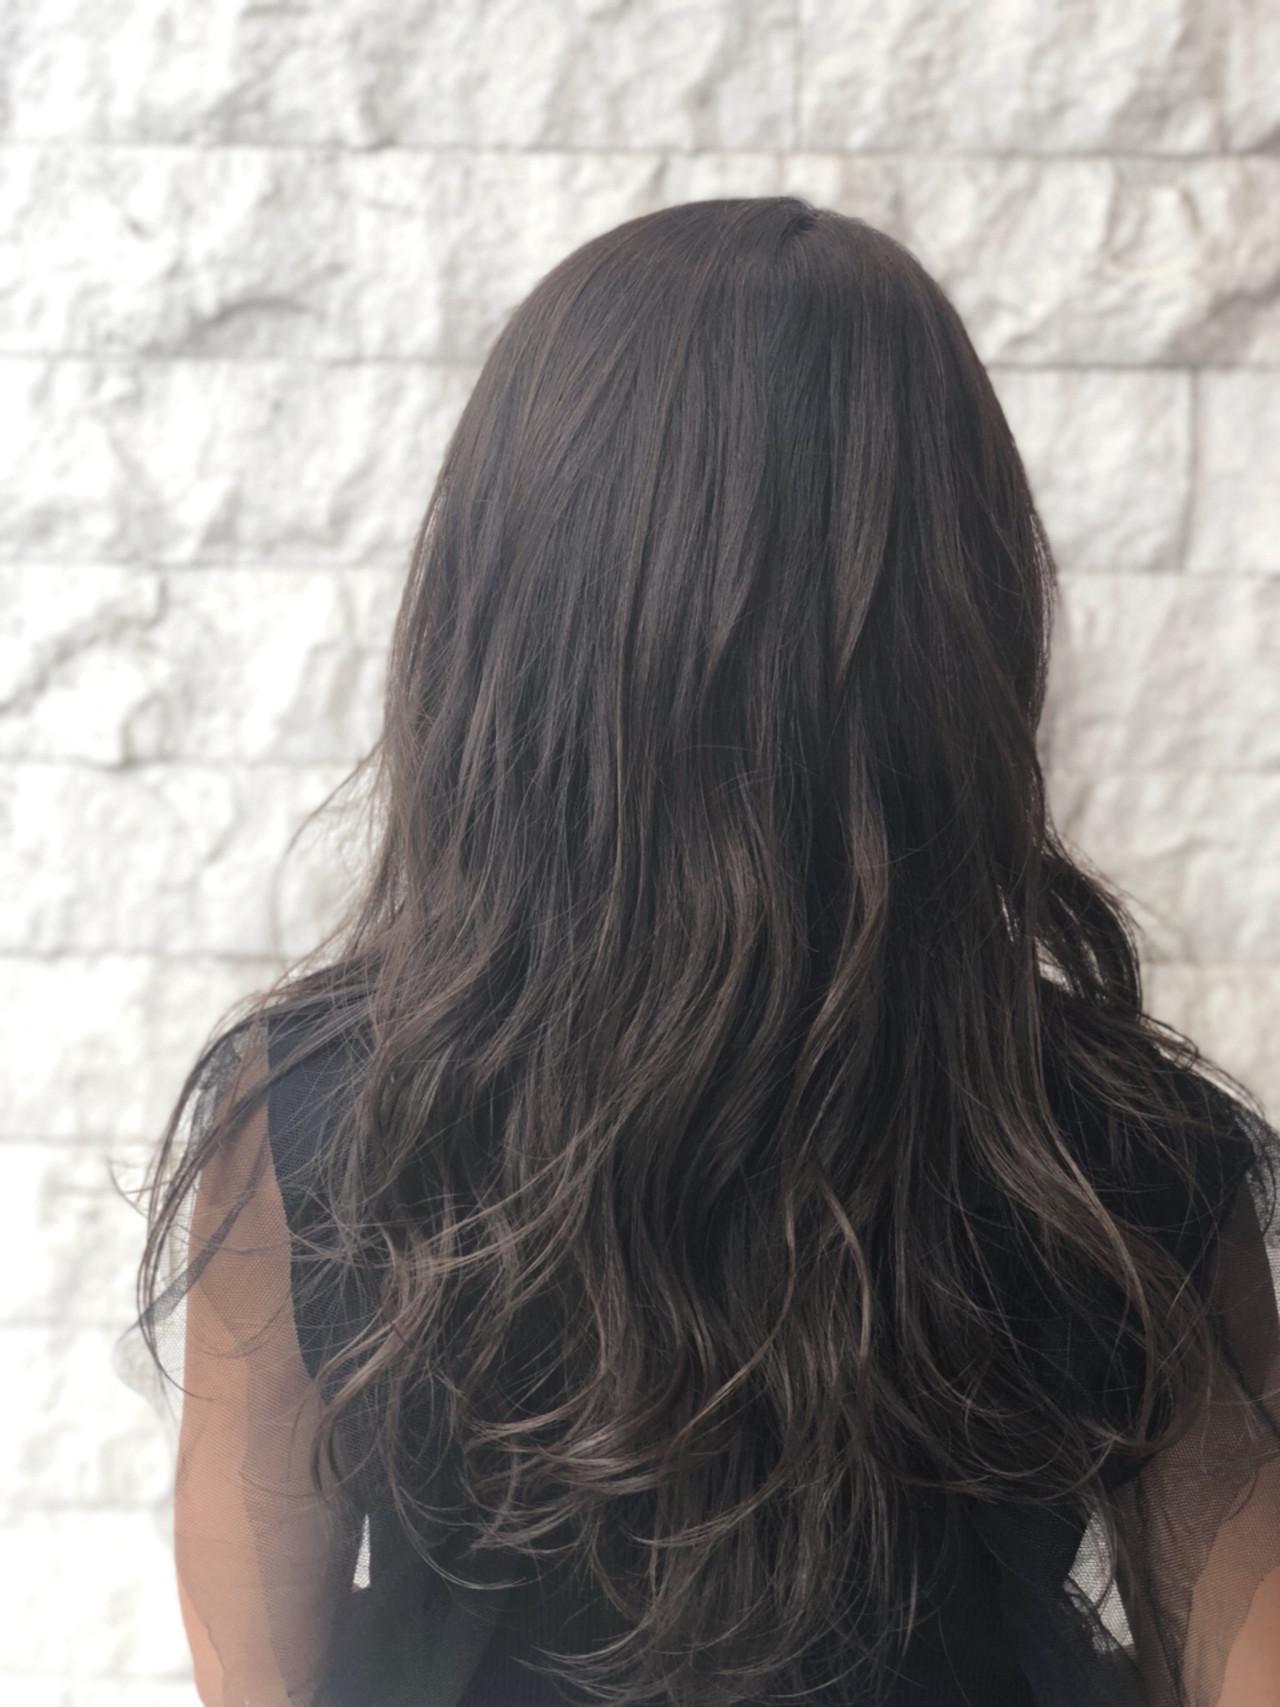 外国人風 グレージュ ハイライト 透明感 ヘアスタイルや髪型の写真・画像 | 武石凌兵 / EARTH荻窪店